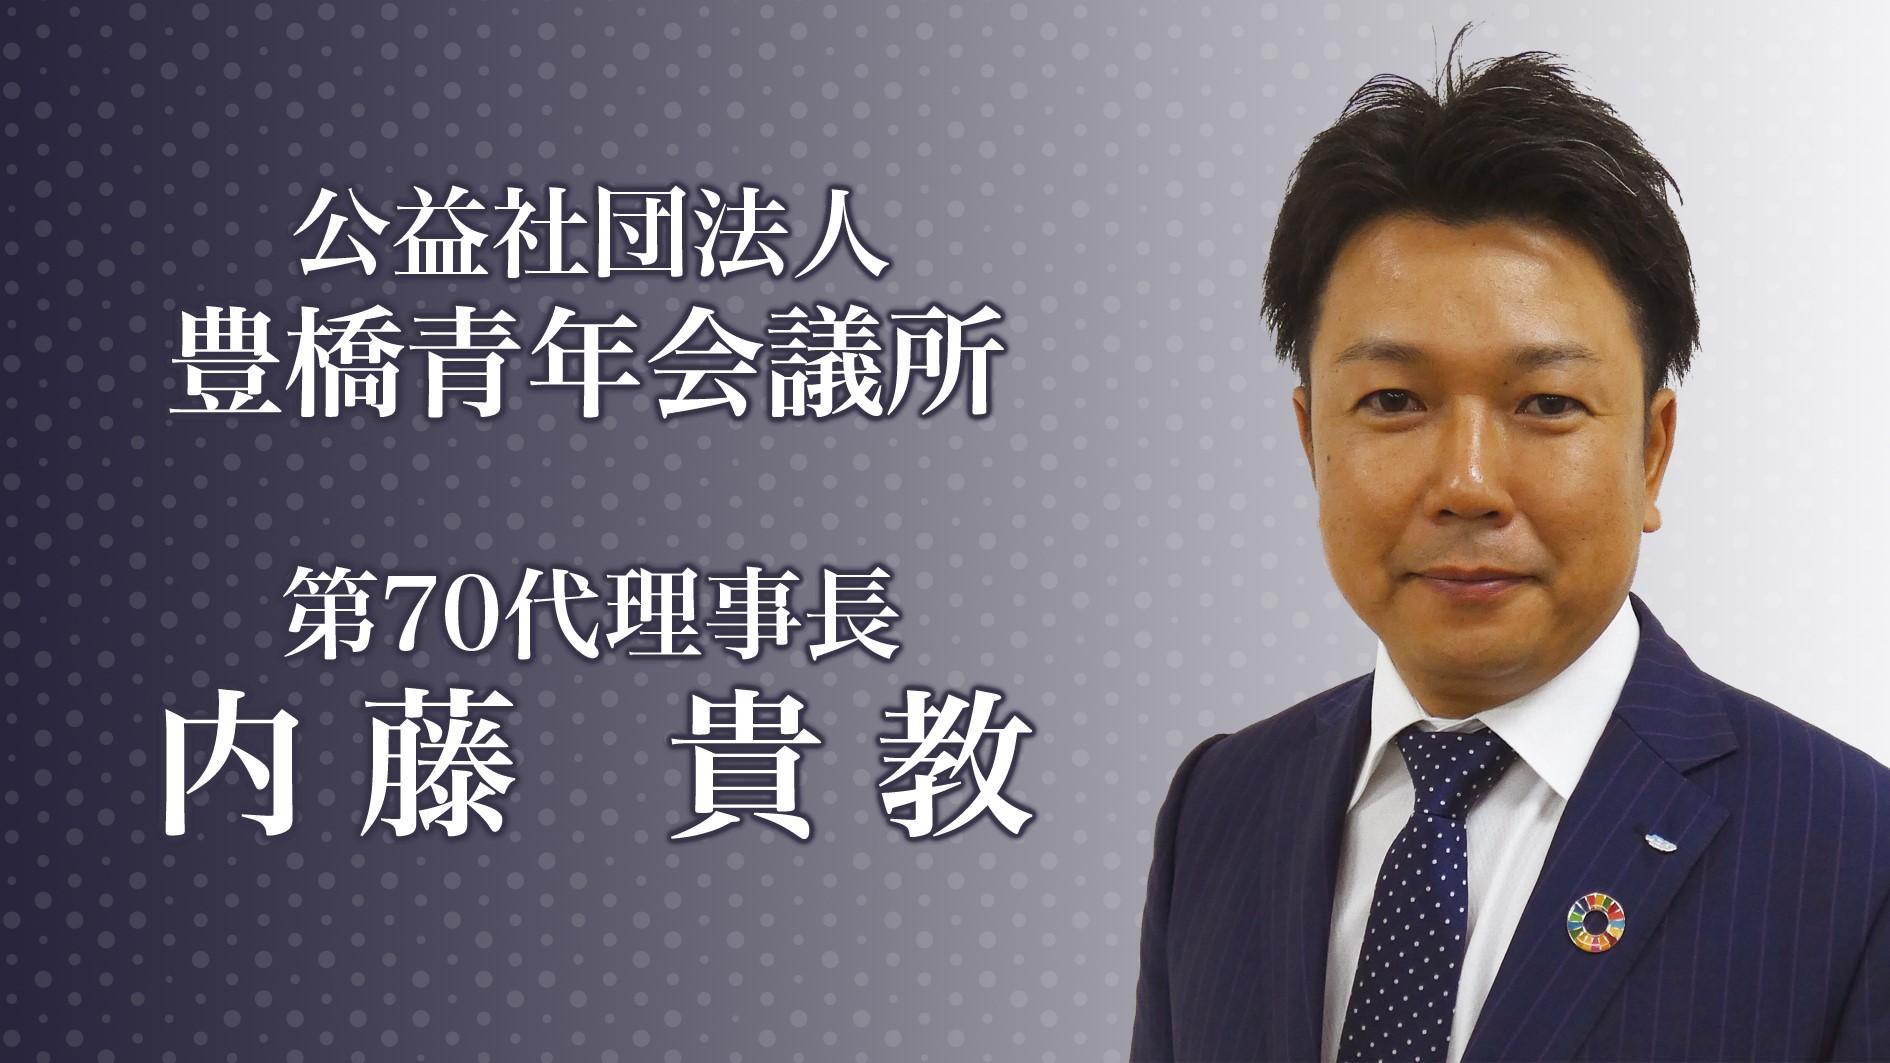 内藤理事長